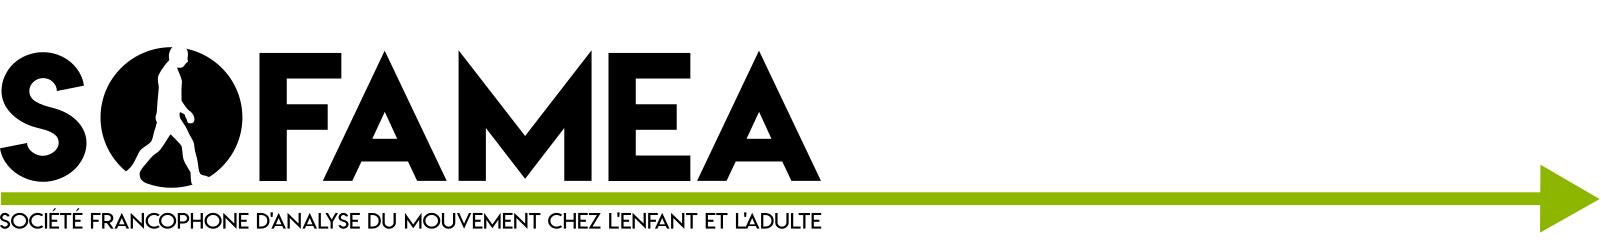 Société Francophone d'Analyse du Mouvement chez l'Enfant et l'Adulte